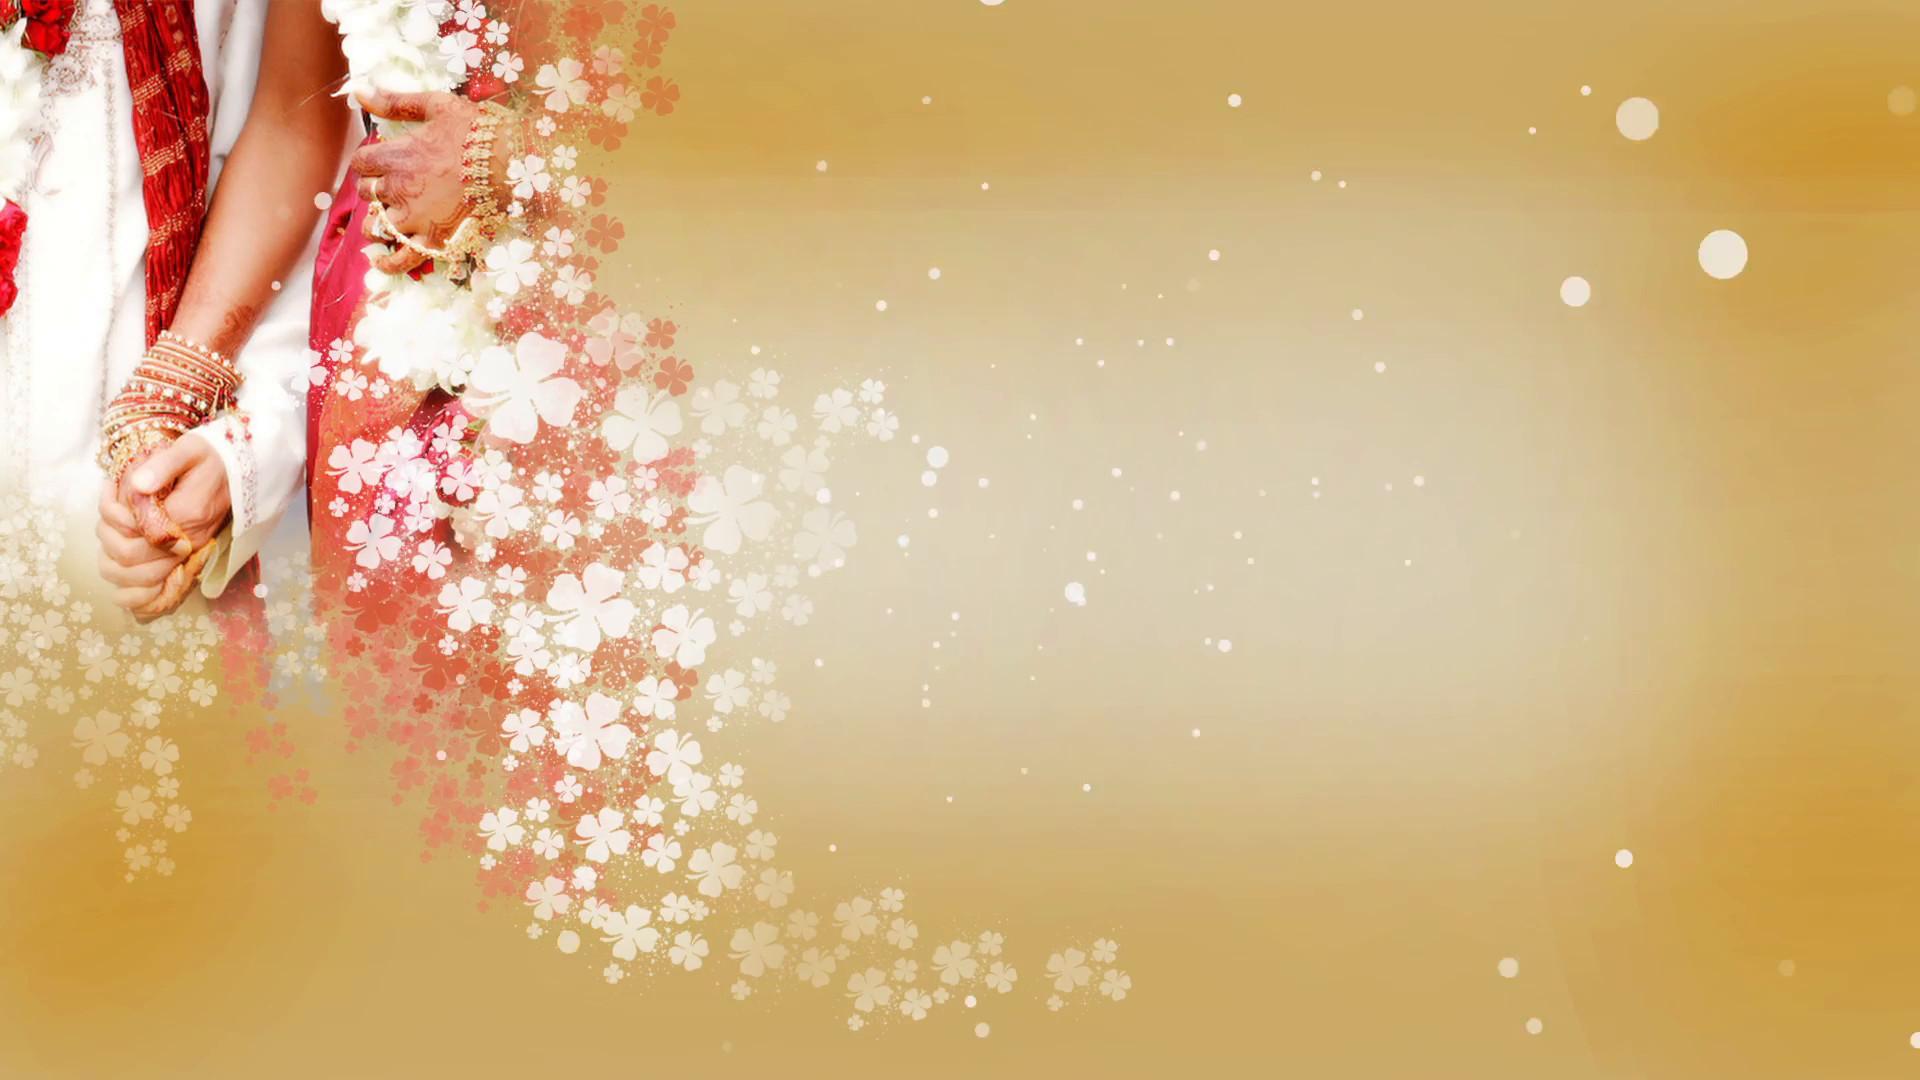 Hd Wedding Backgrounds 183 ①